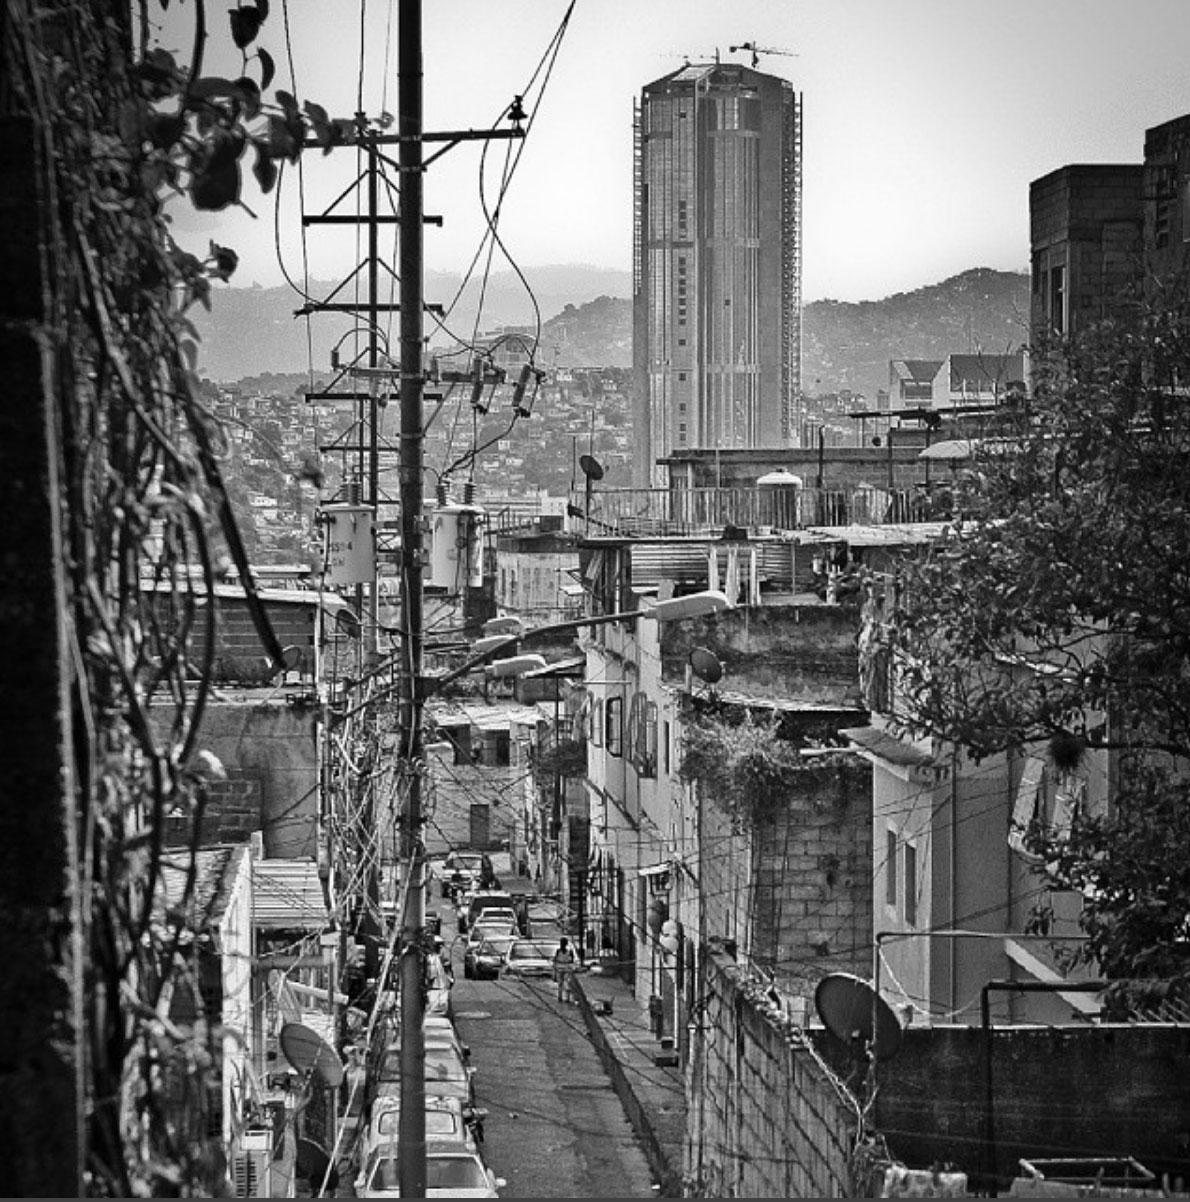 Barrio in Caracas